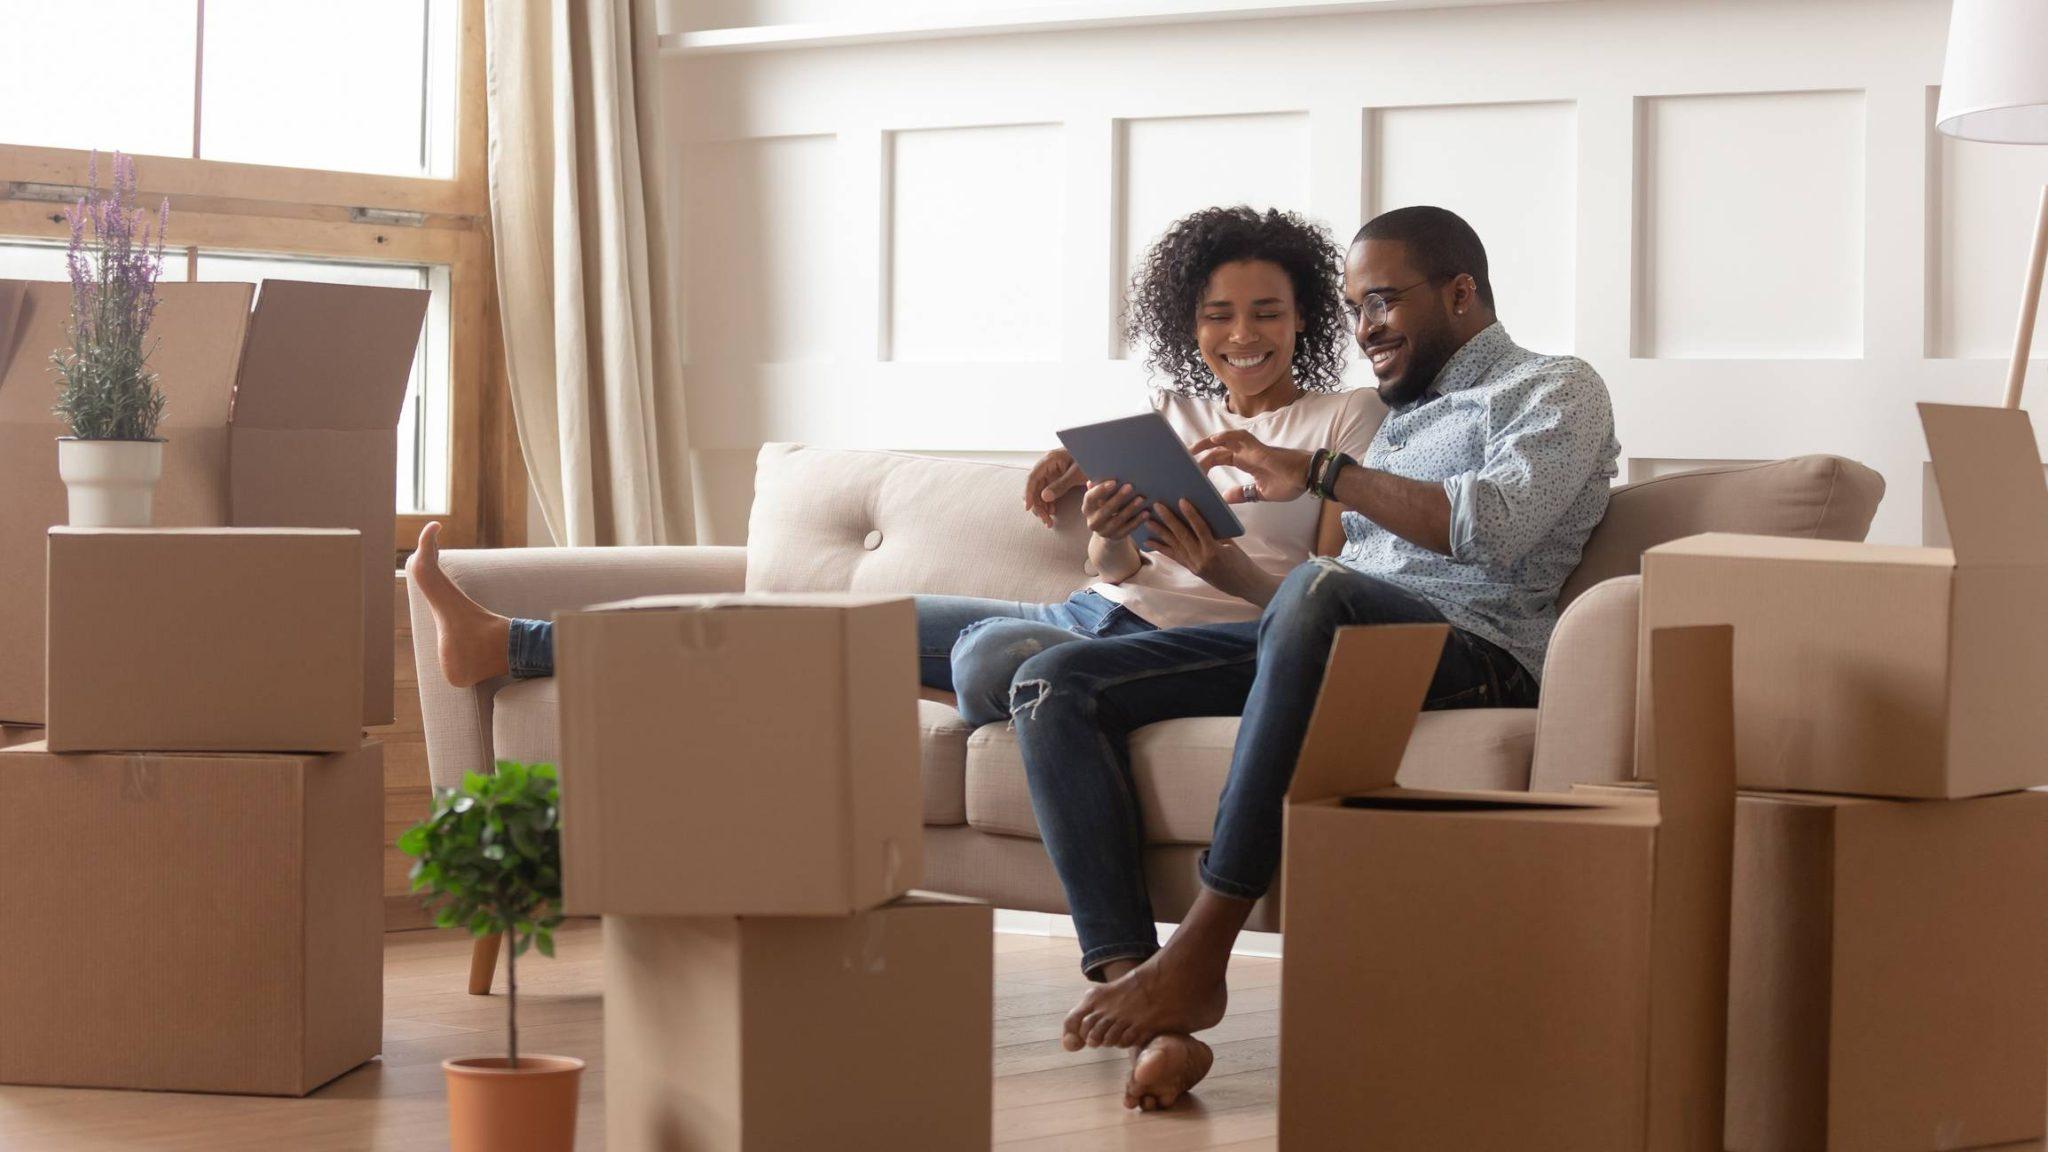 Un couple assis sur un canapé avec des cartons de déménagement autour